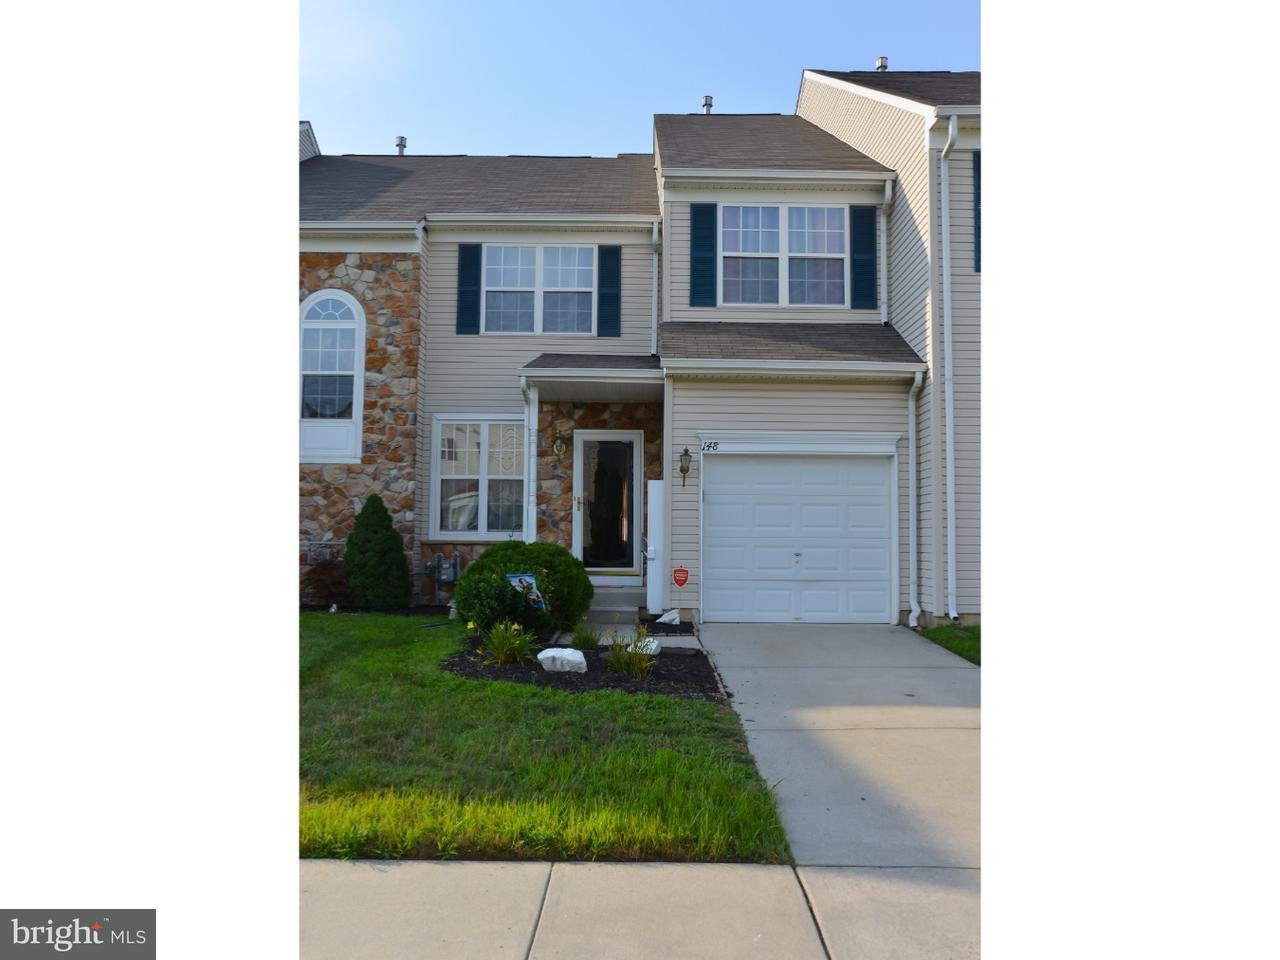 联栋屋 为 销售 在 148 PENNSBURY Lane Deptford Township, 新泽西州 08096 美国